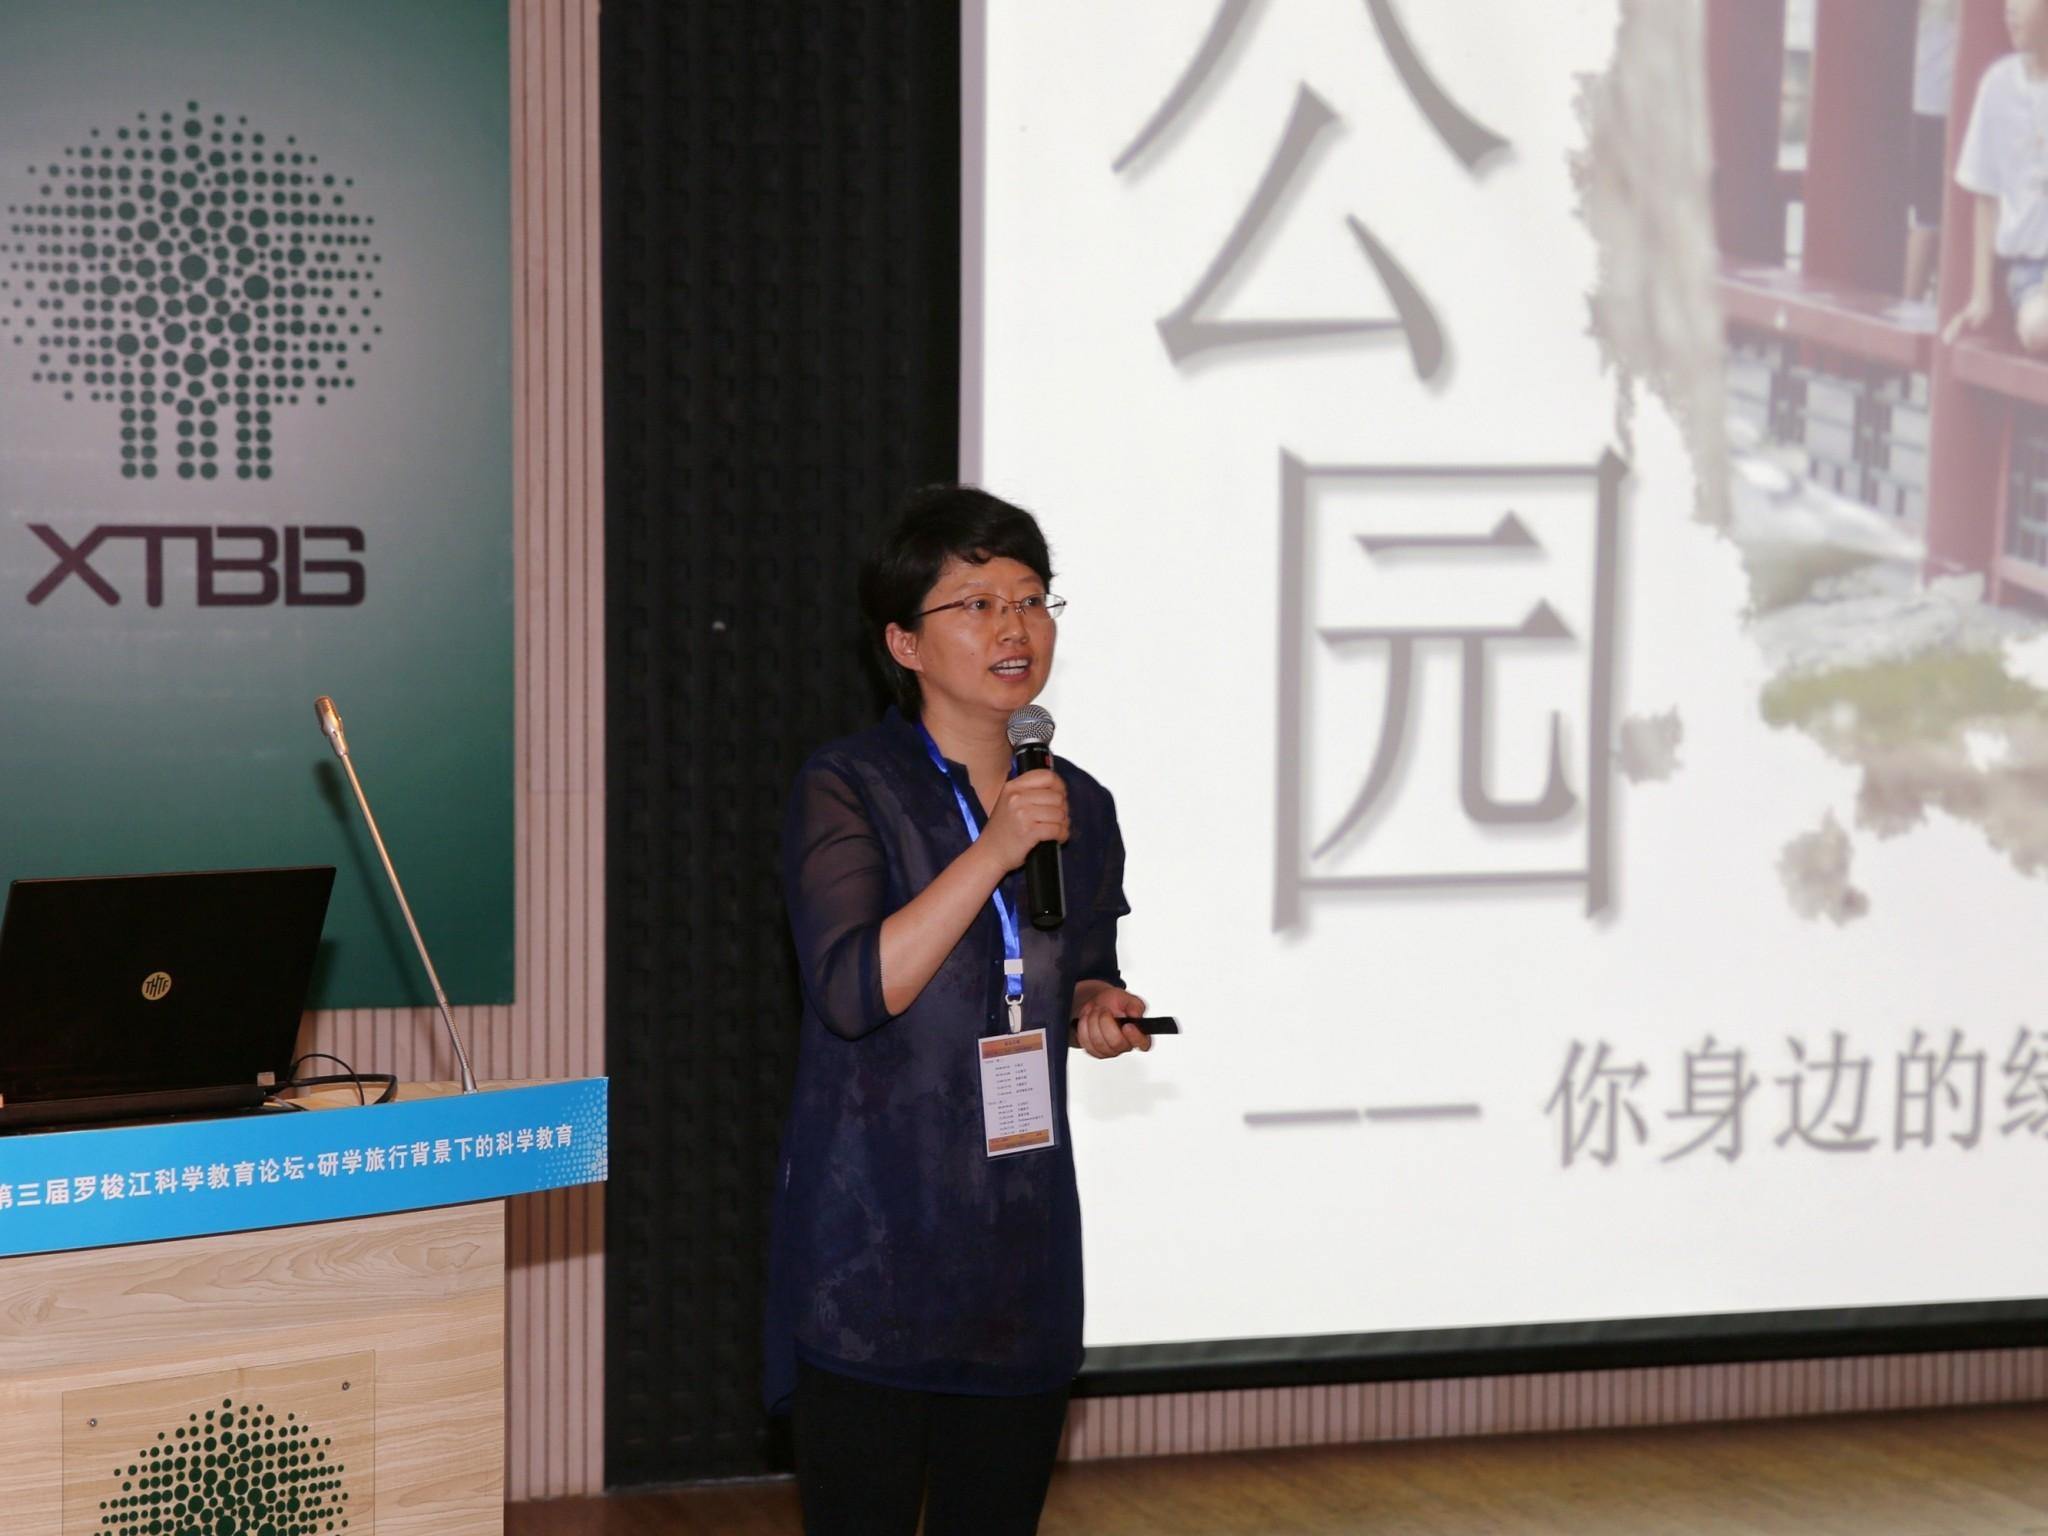 【Pecha kucha】北京市公园管理中心 宋利培:公园——你身边的绿色课堂